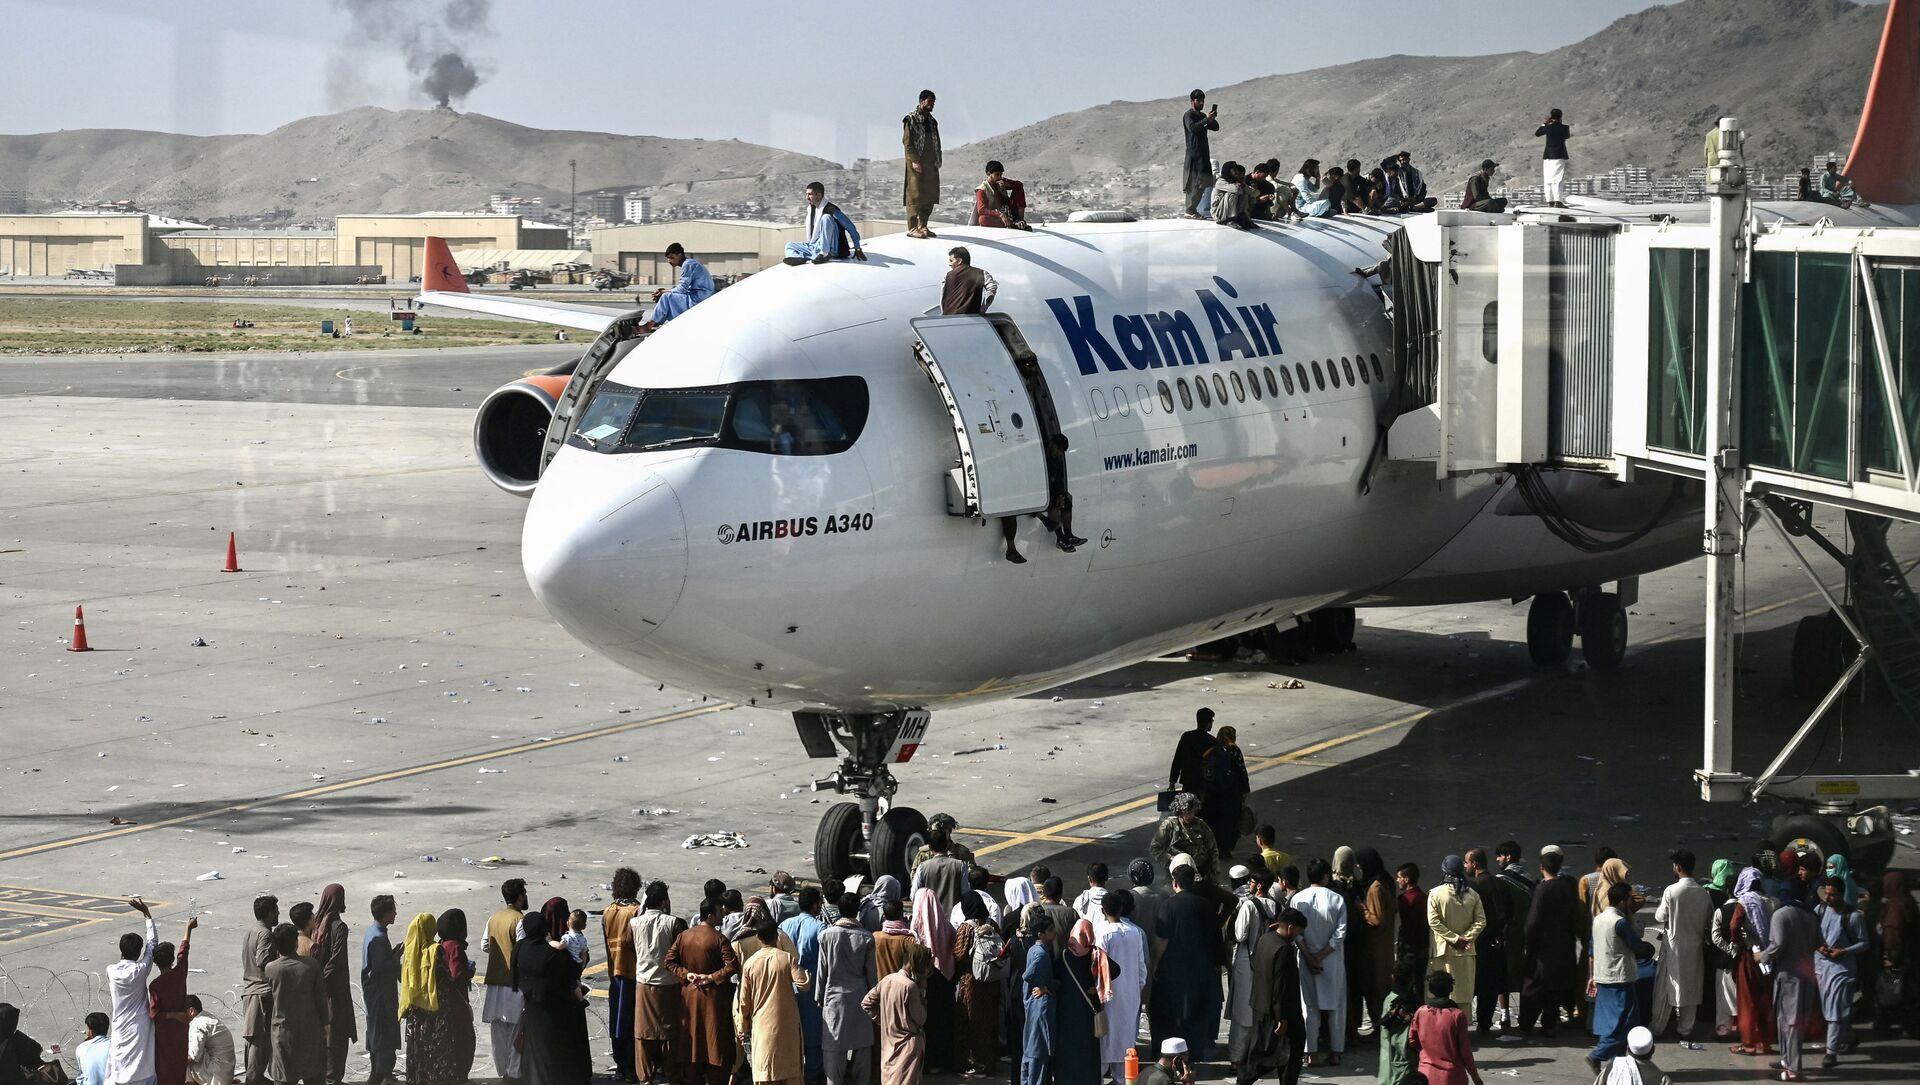 Афганцы забираются на самолет в аэропорту после вступления талибов в Кабул - Sputnik Абхазия, 1920, 31.08.2021